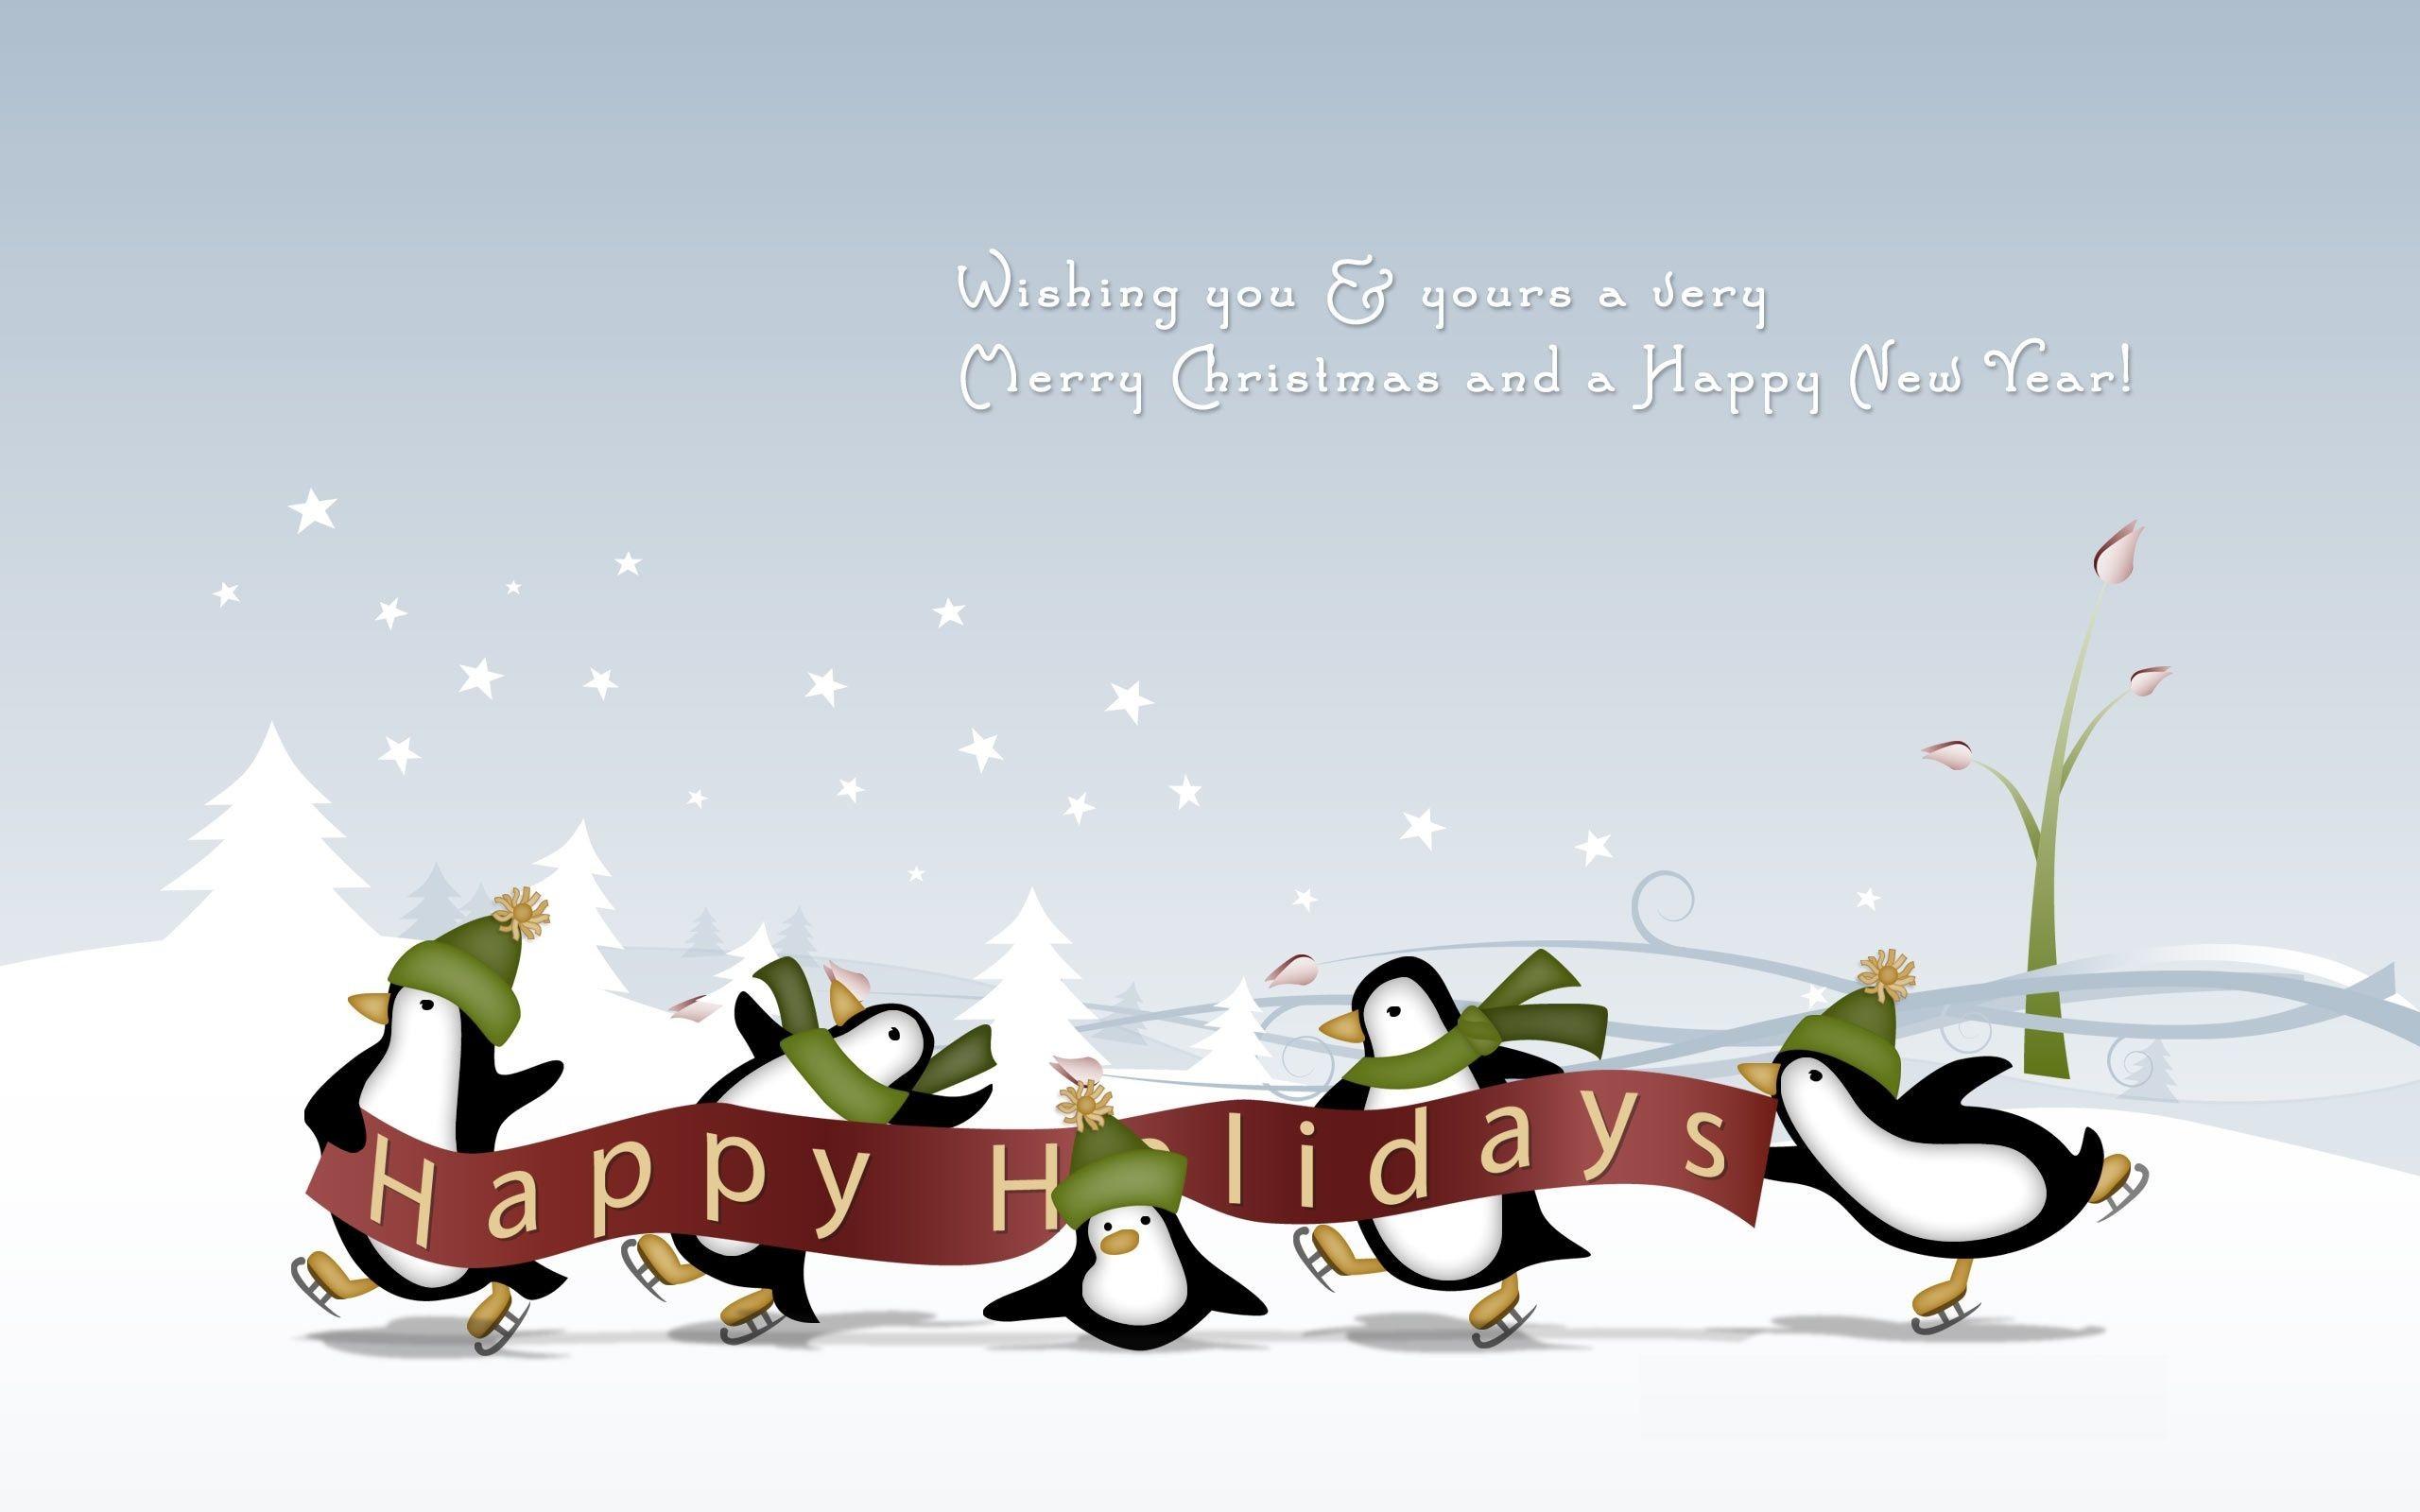 Free holiday desktop wallpaper – Holiday Season Wallpaper Hd. Download